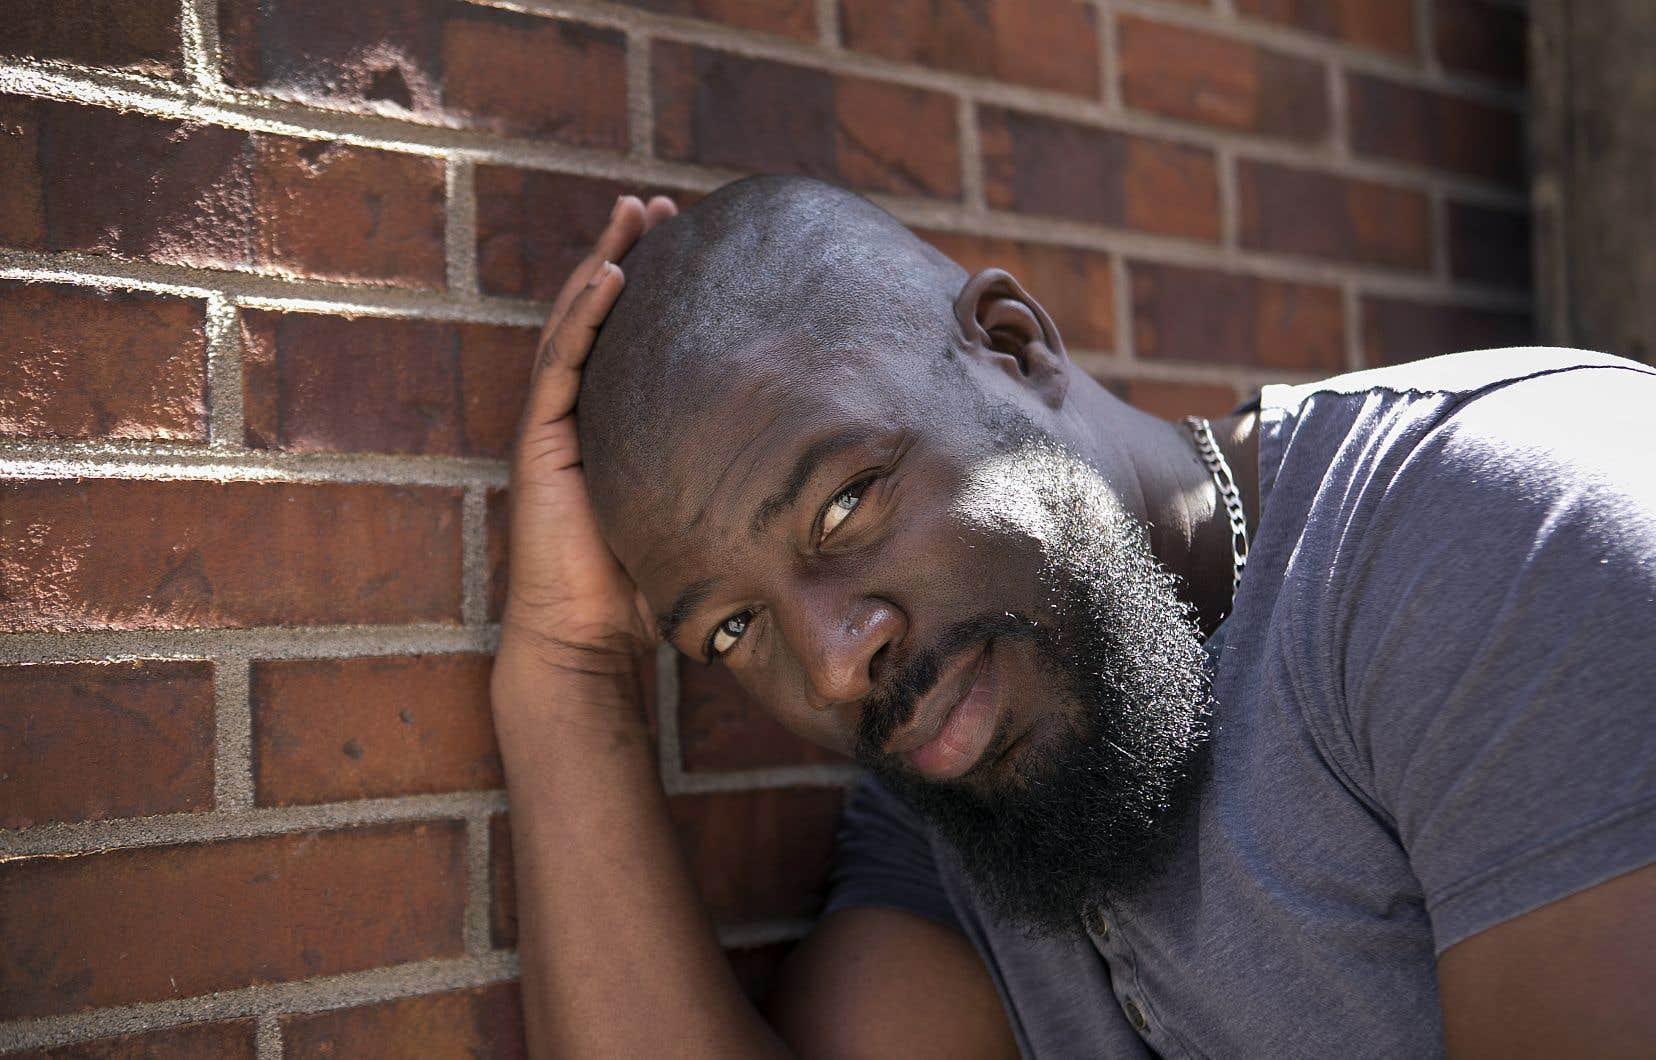 L'auteur, compositeur et rappeur Dramatik. C'est lui, le Phénix du titre de ce nouveau disque auquel collaborent notamment FouKi, la chanteuse soul-jazz montréalaise Malika Tirolien et ses amis de Muzion.